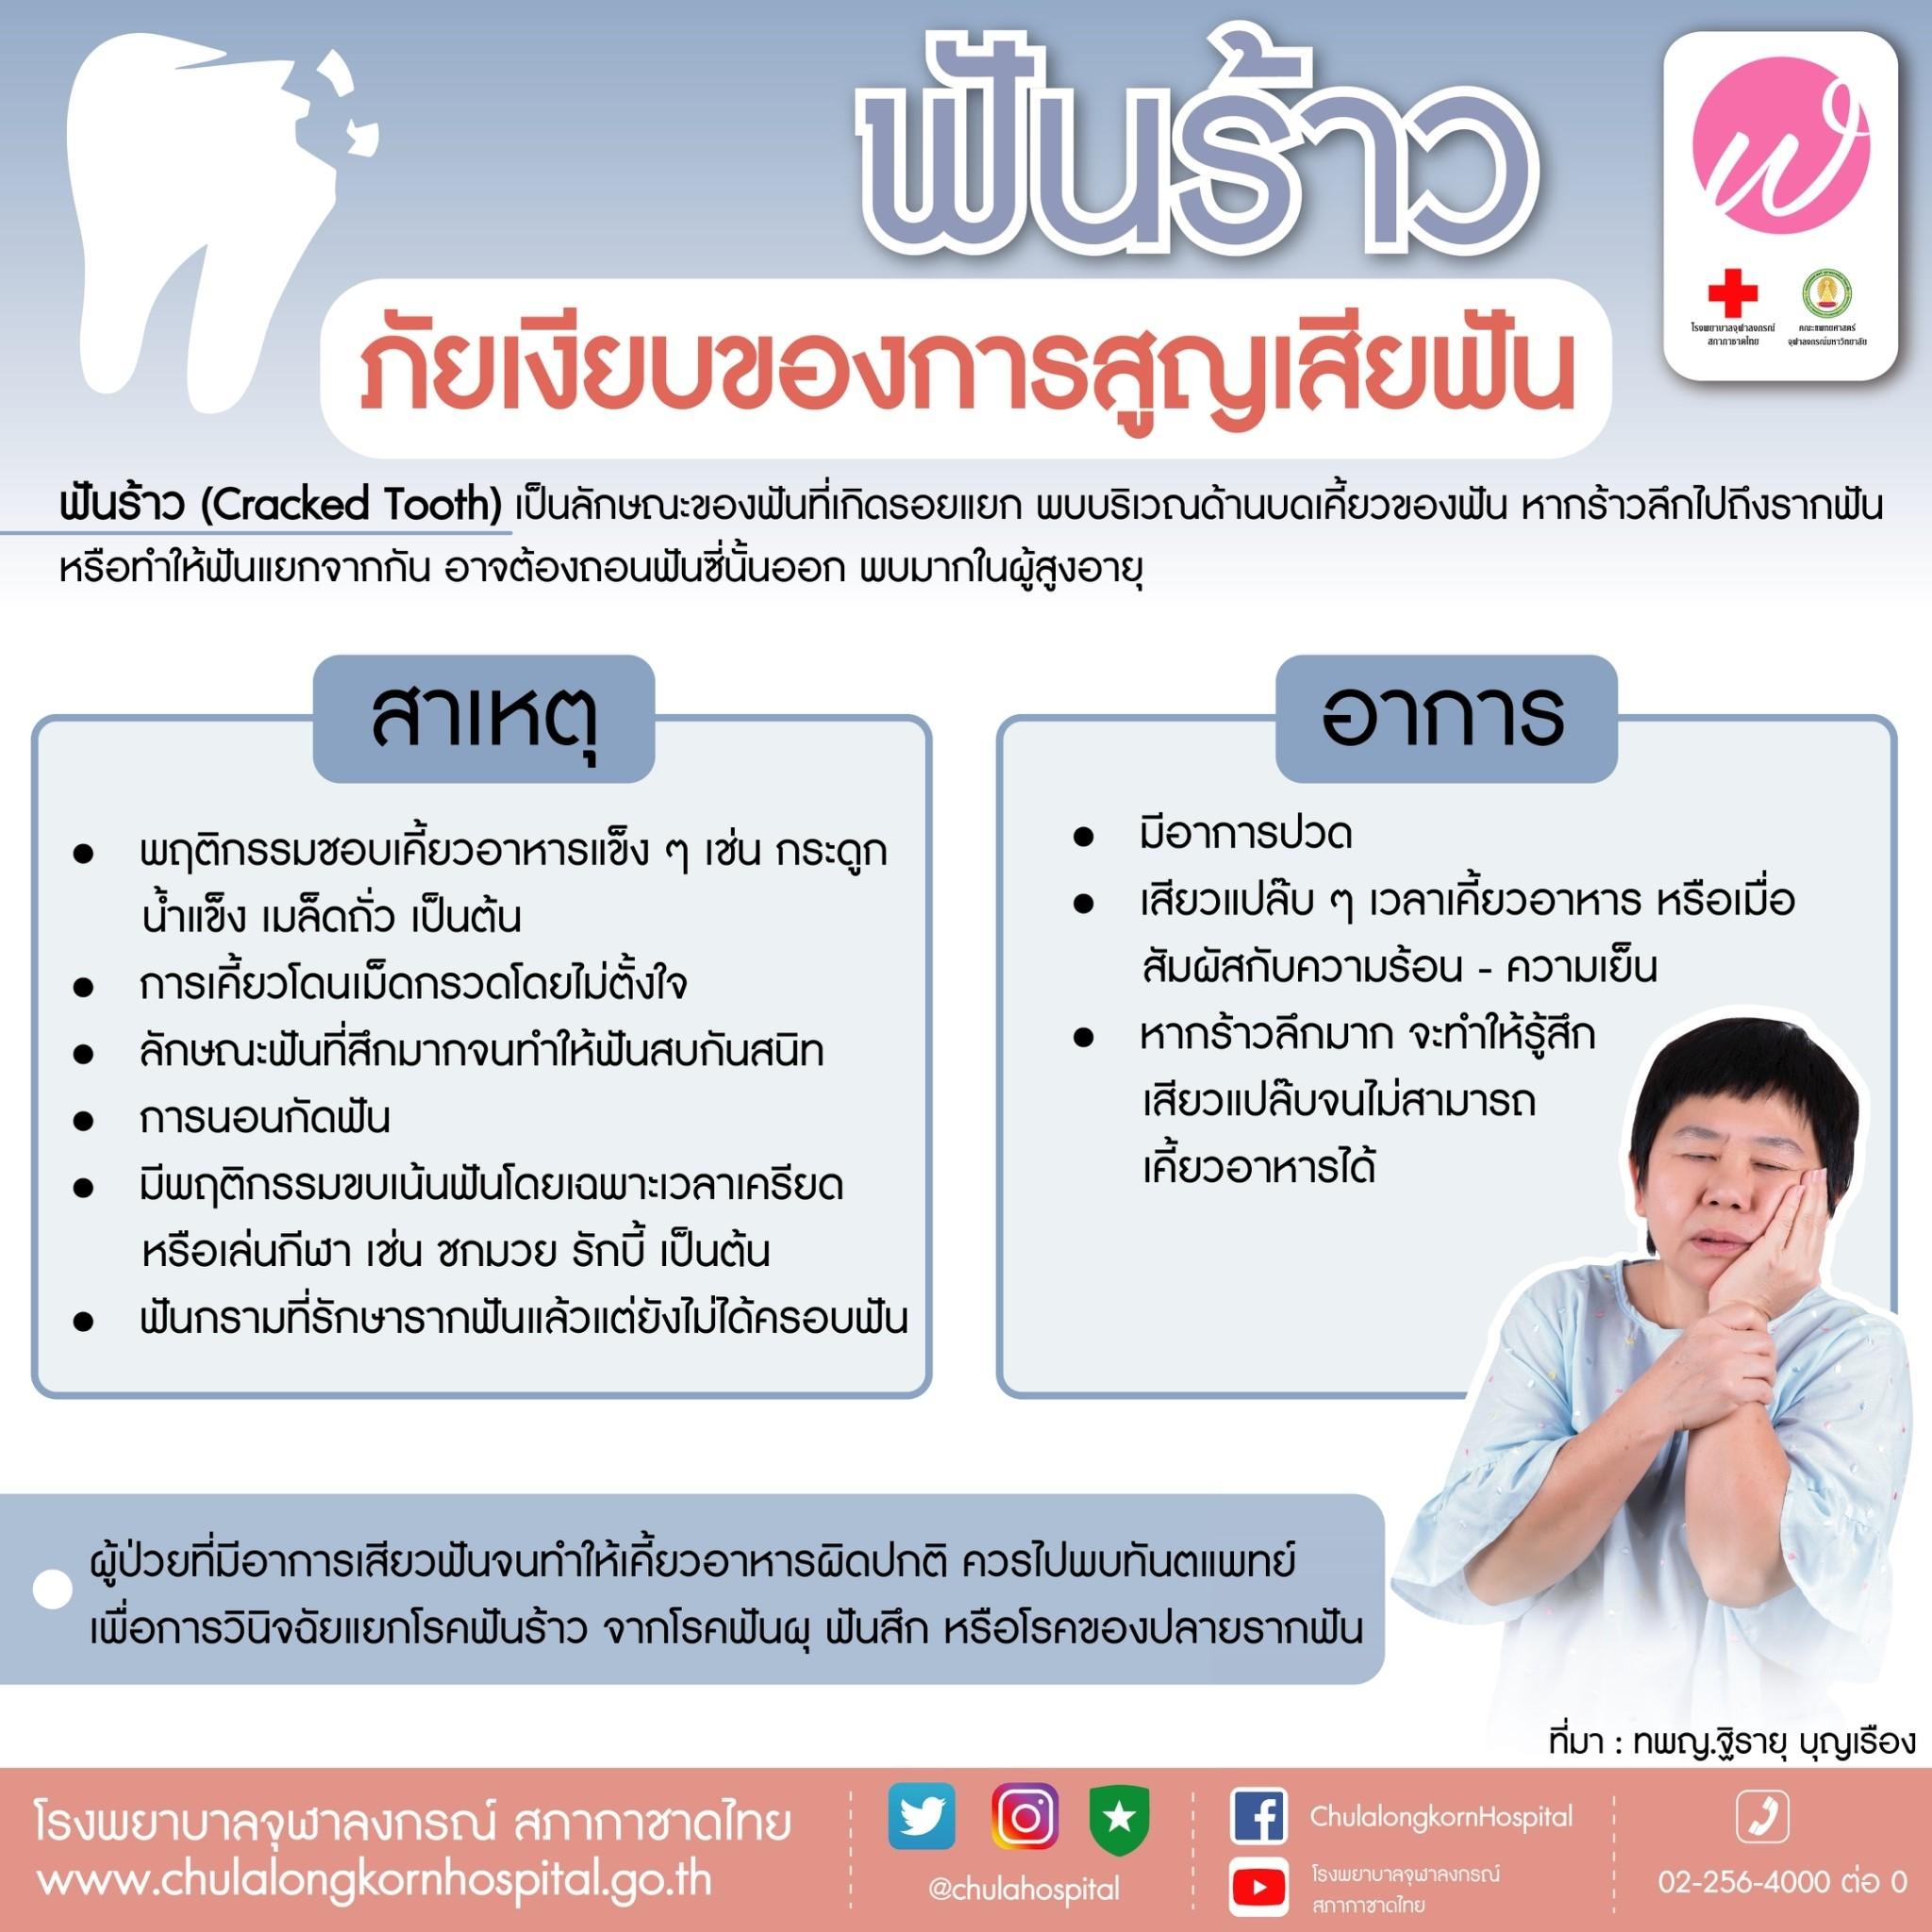 ฟันร้าว ภัยเงียบของการสูญเสียฟัน